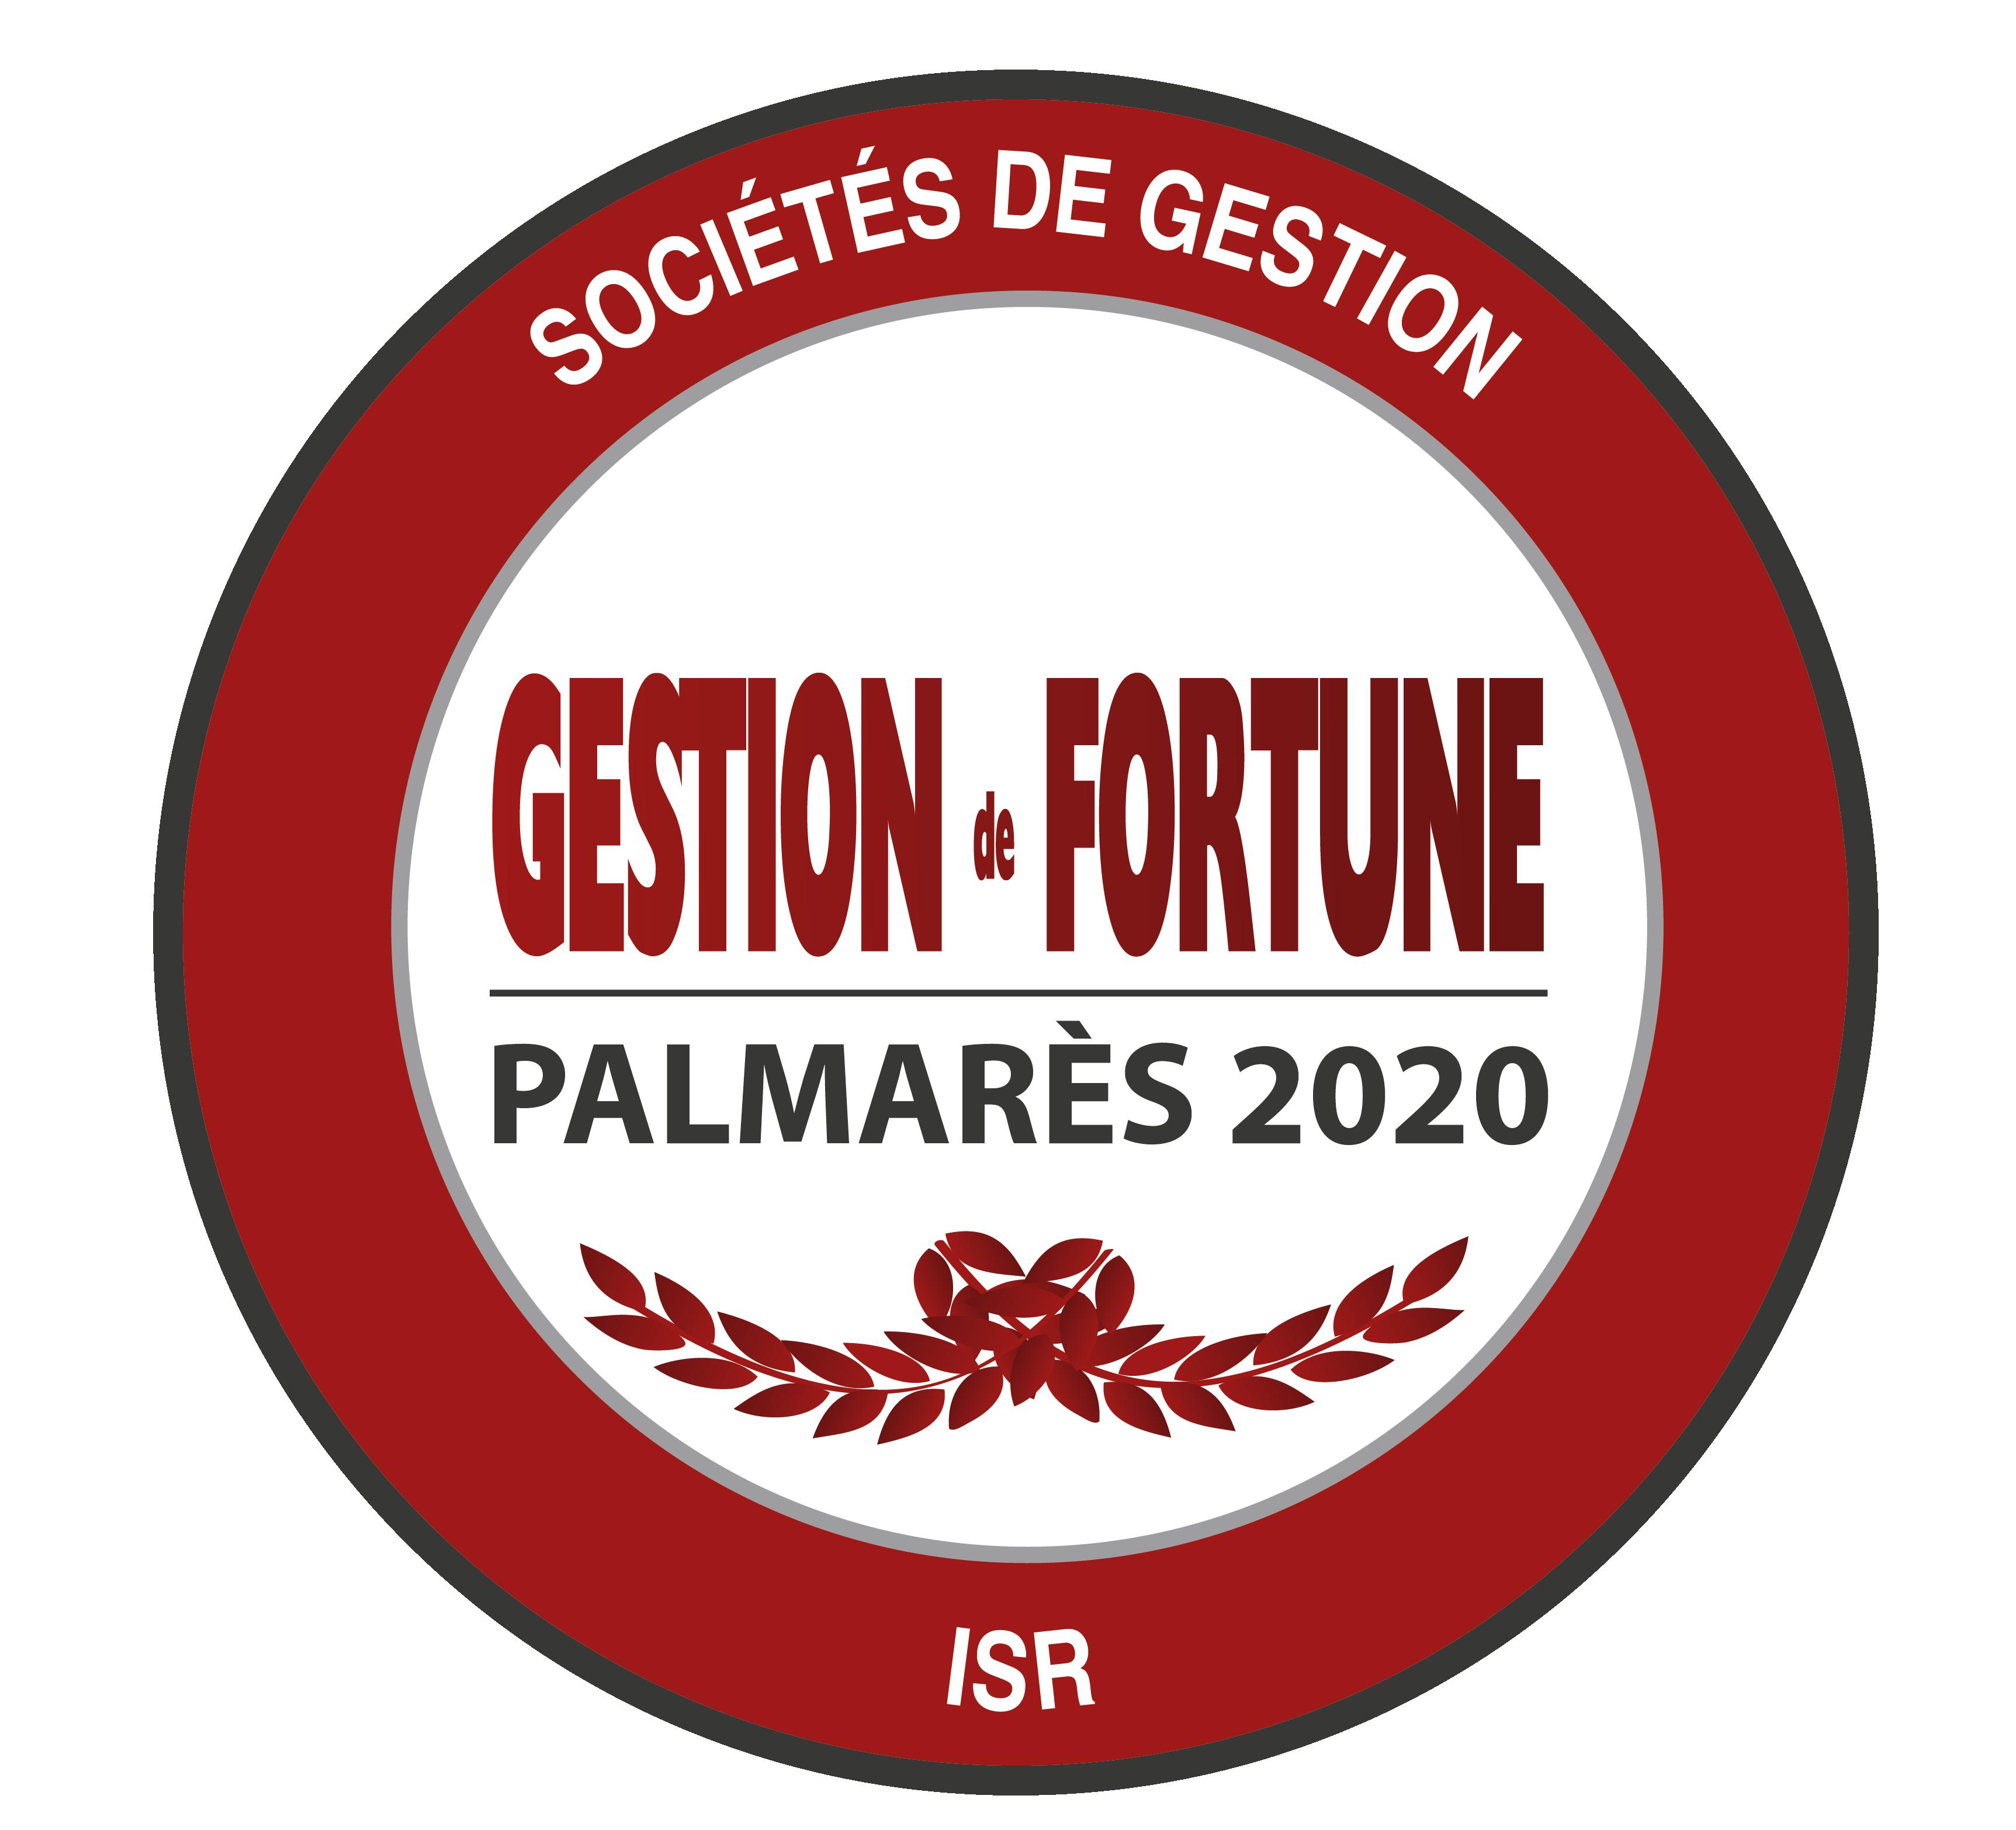 Palmarès Gestion de fortune 2020